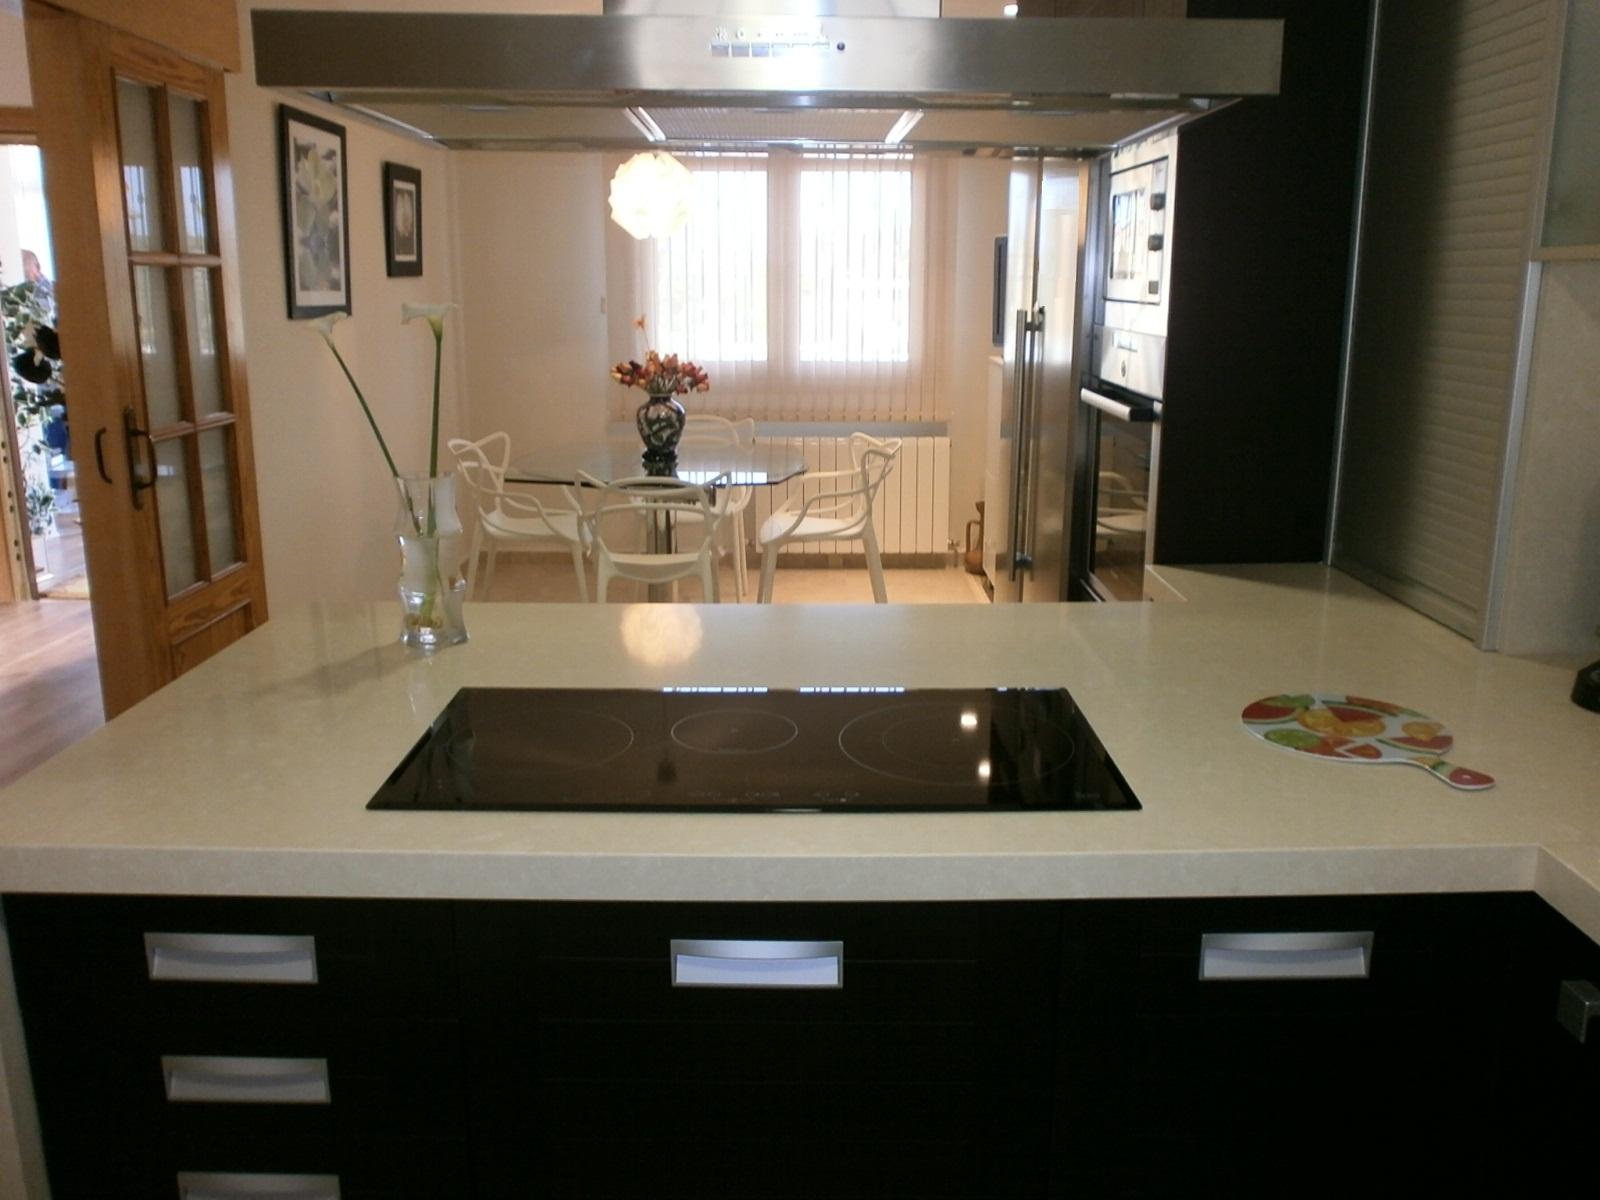 El wengu y la madera oscura en la cocina cocinas con estilo for Alicatar cocina detras muebles